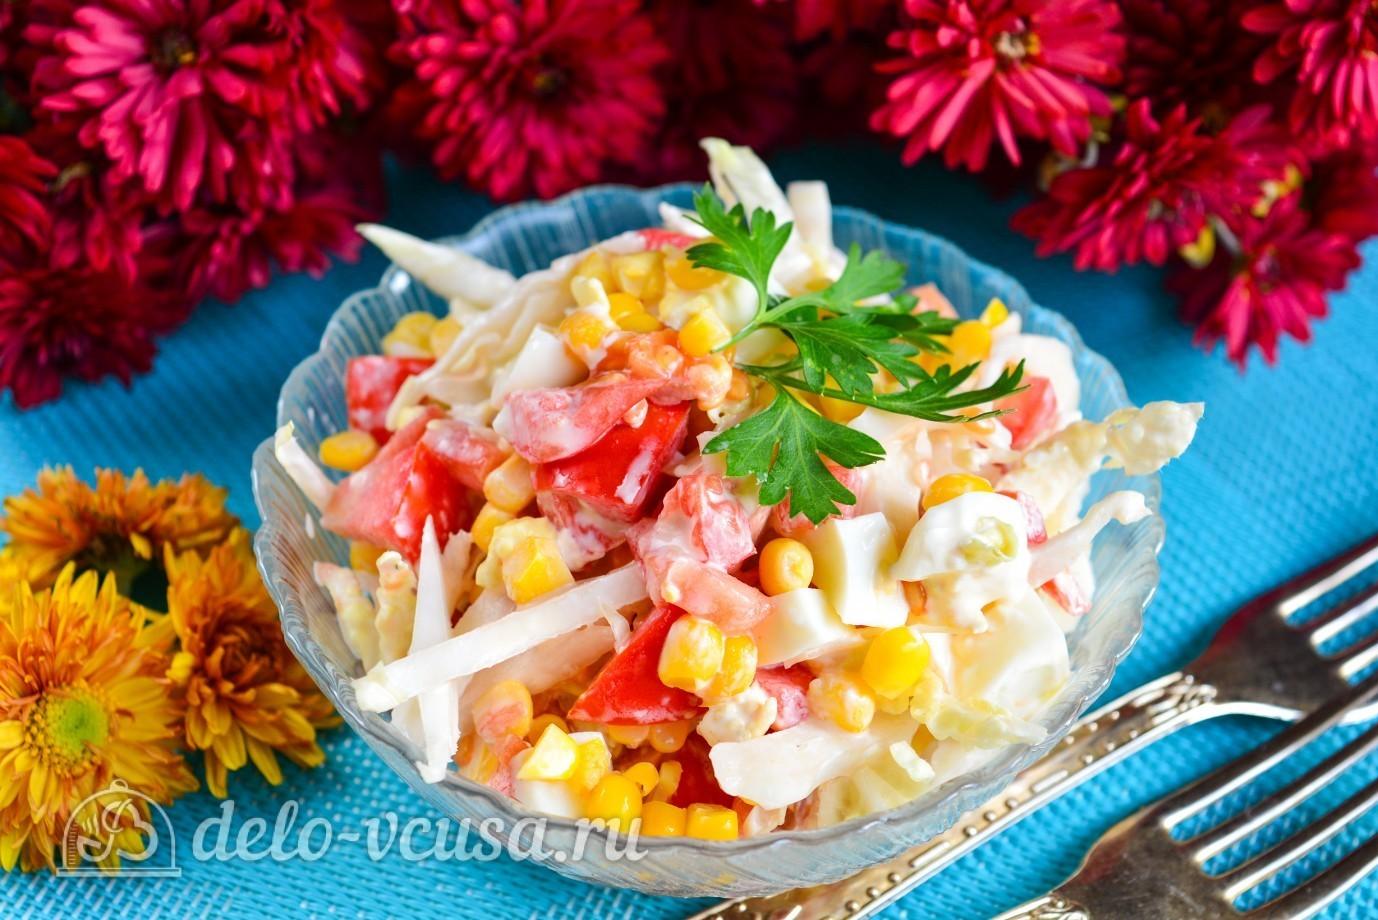 Салат с помидорами и кукурузой курицей